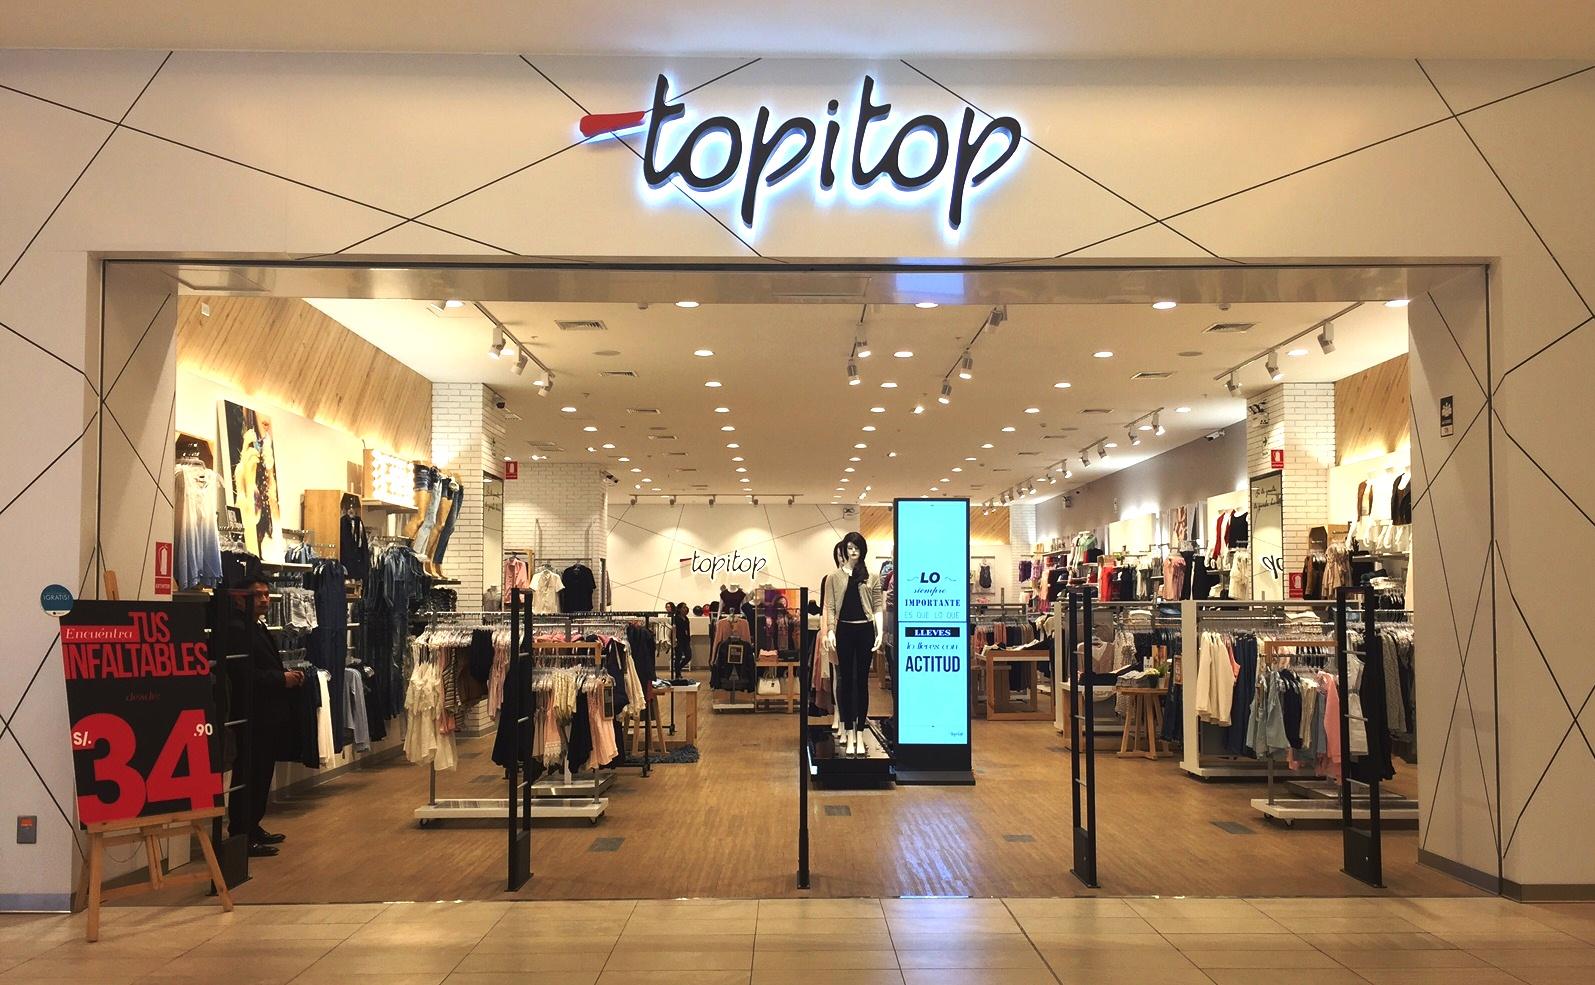 topitop frontis tienda jockey - Topitop abrirá un centro comercial en Trujillo